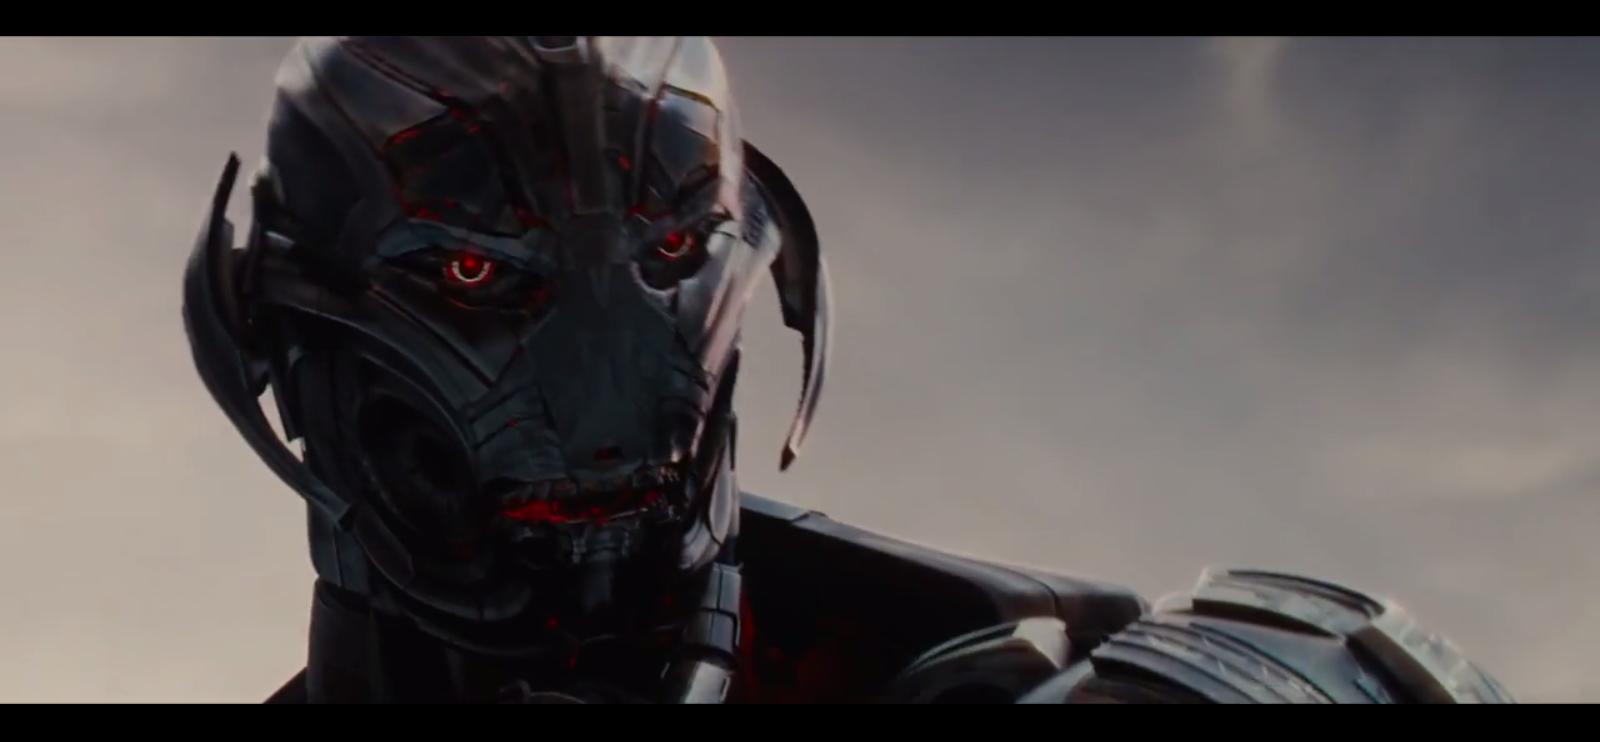 Marvel - Avengers: Age of Ultron Trailer